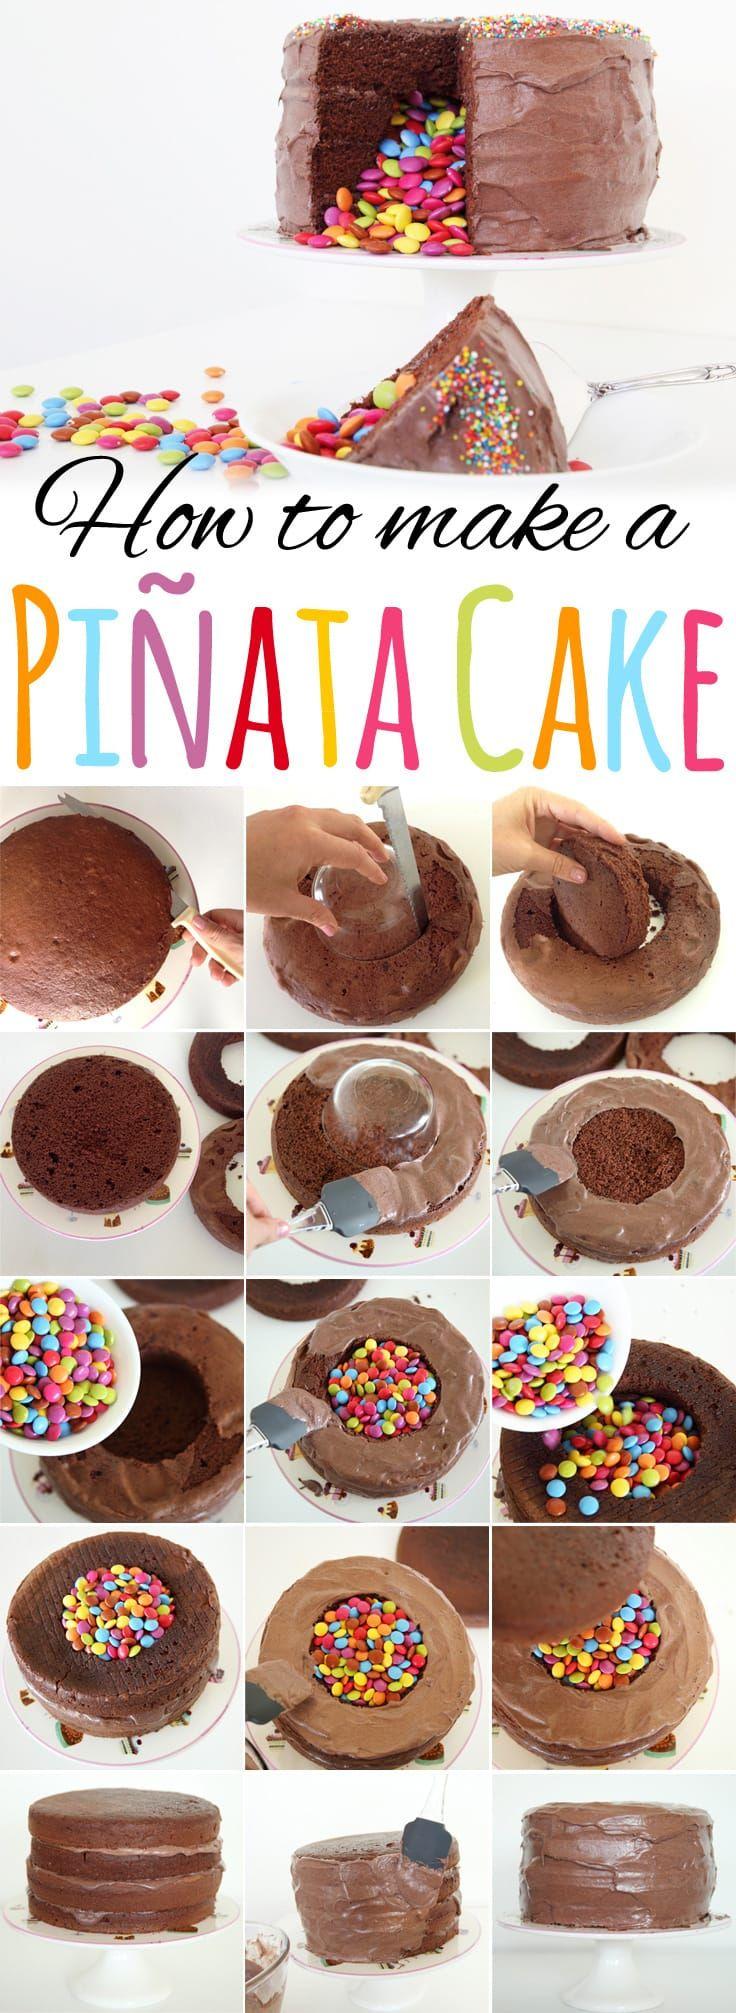 Wie man einen Pinata-Kuchen macht   – July 4th